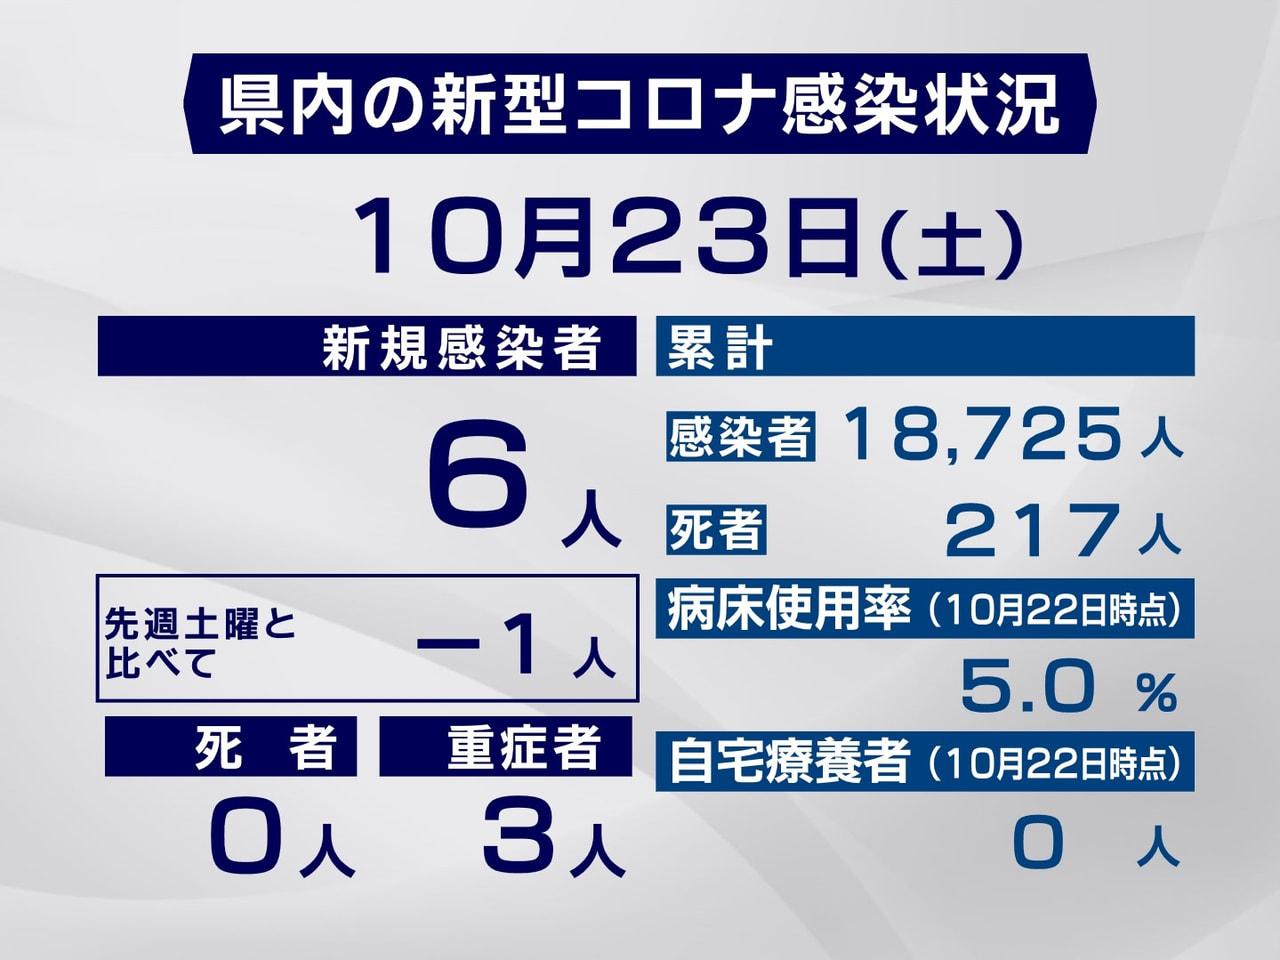 岐阜県は、23日、新型コロナウイルスの感染が新たに6人確認されたと発表しました。...